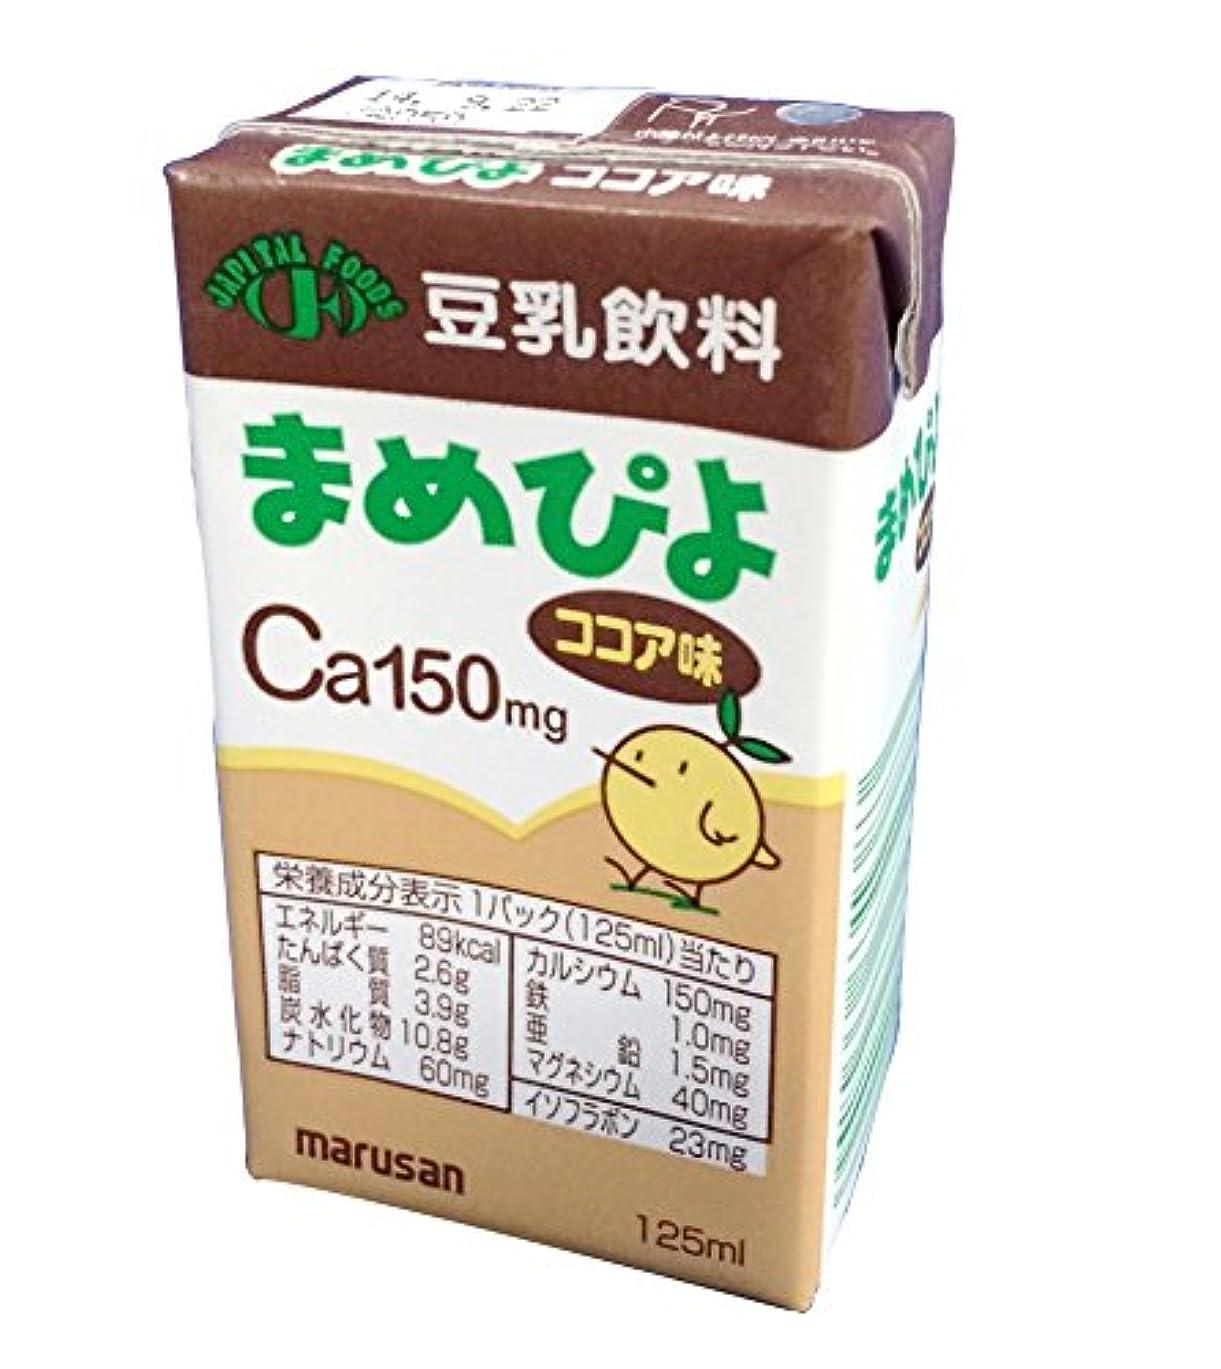 パンフレットインフラハングまめぴよ ココア味 1ケース 125ml×24本 カルシウム強化(150mg含有) (ココア味)